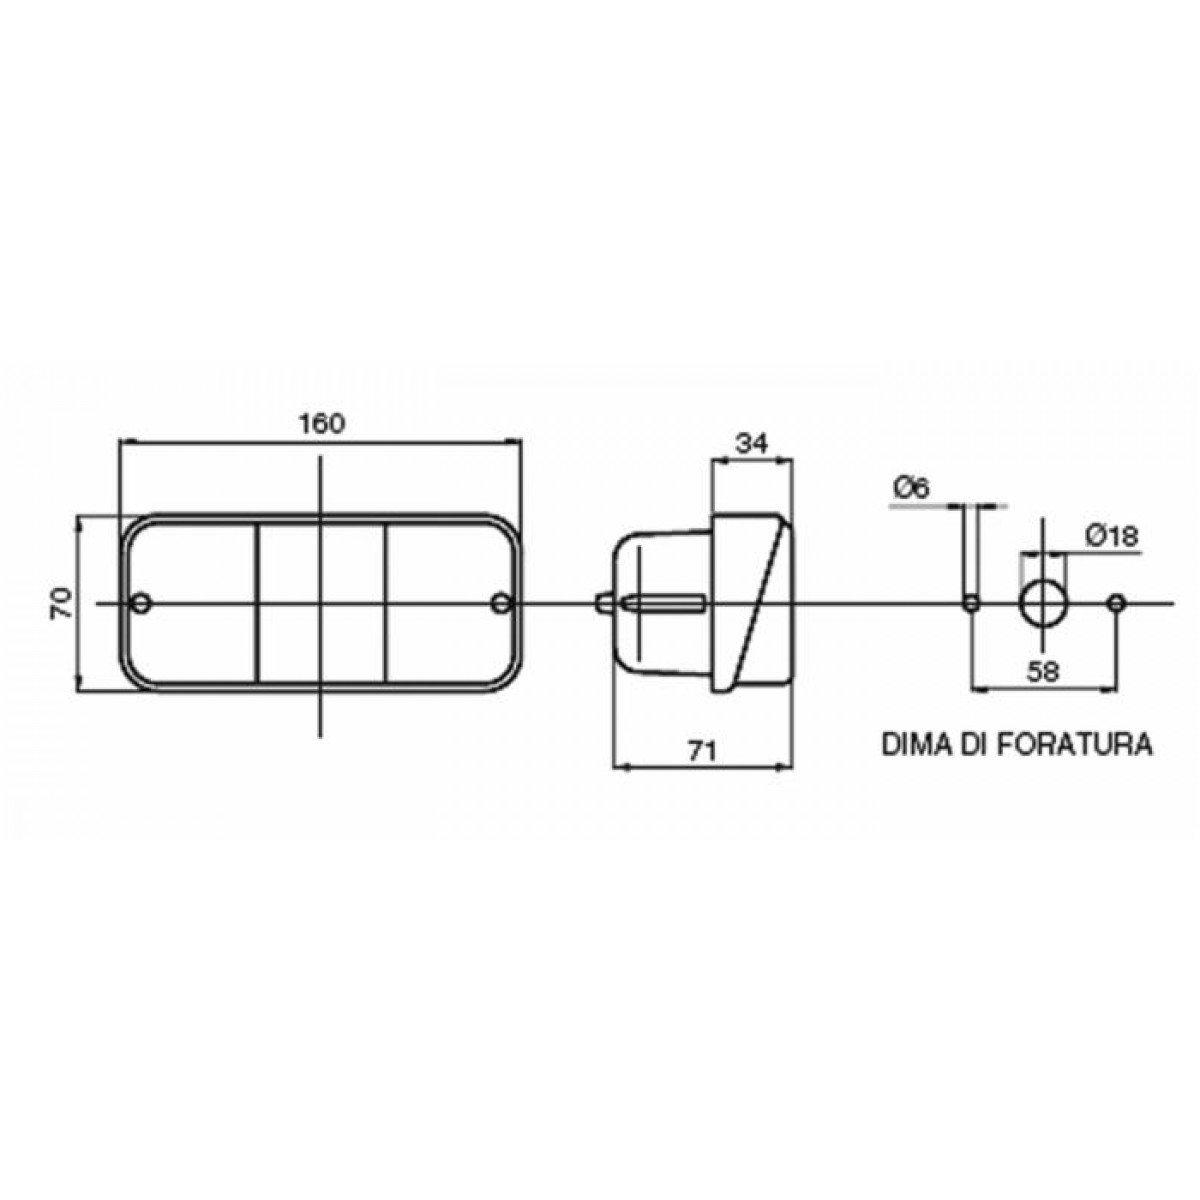 Blocchi fari posteriori Fanale posteriore alogeno Dx 162x70 mm di Ama Luci, lampadine e indicatori